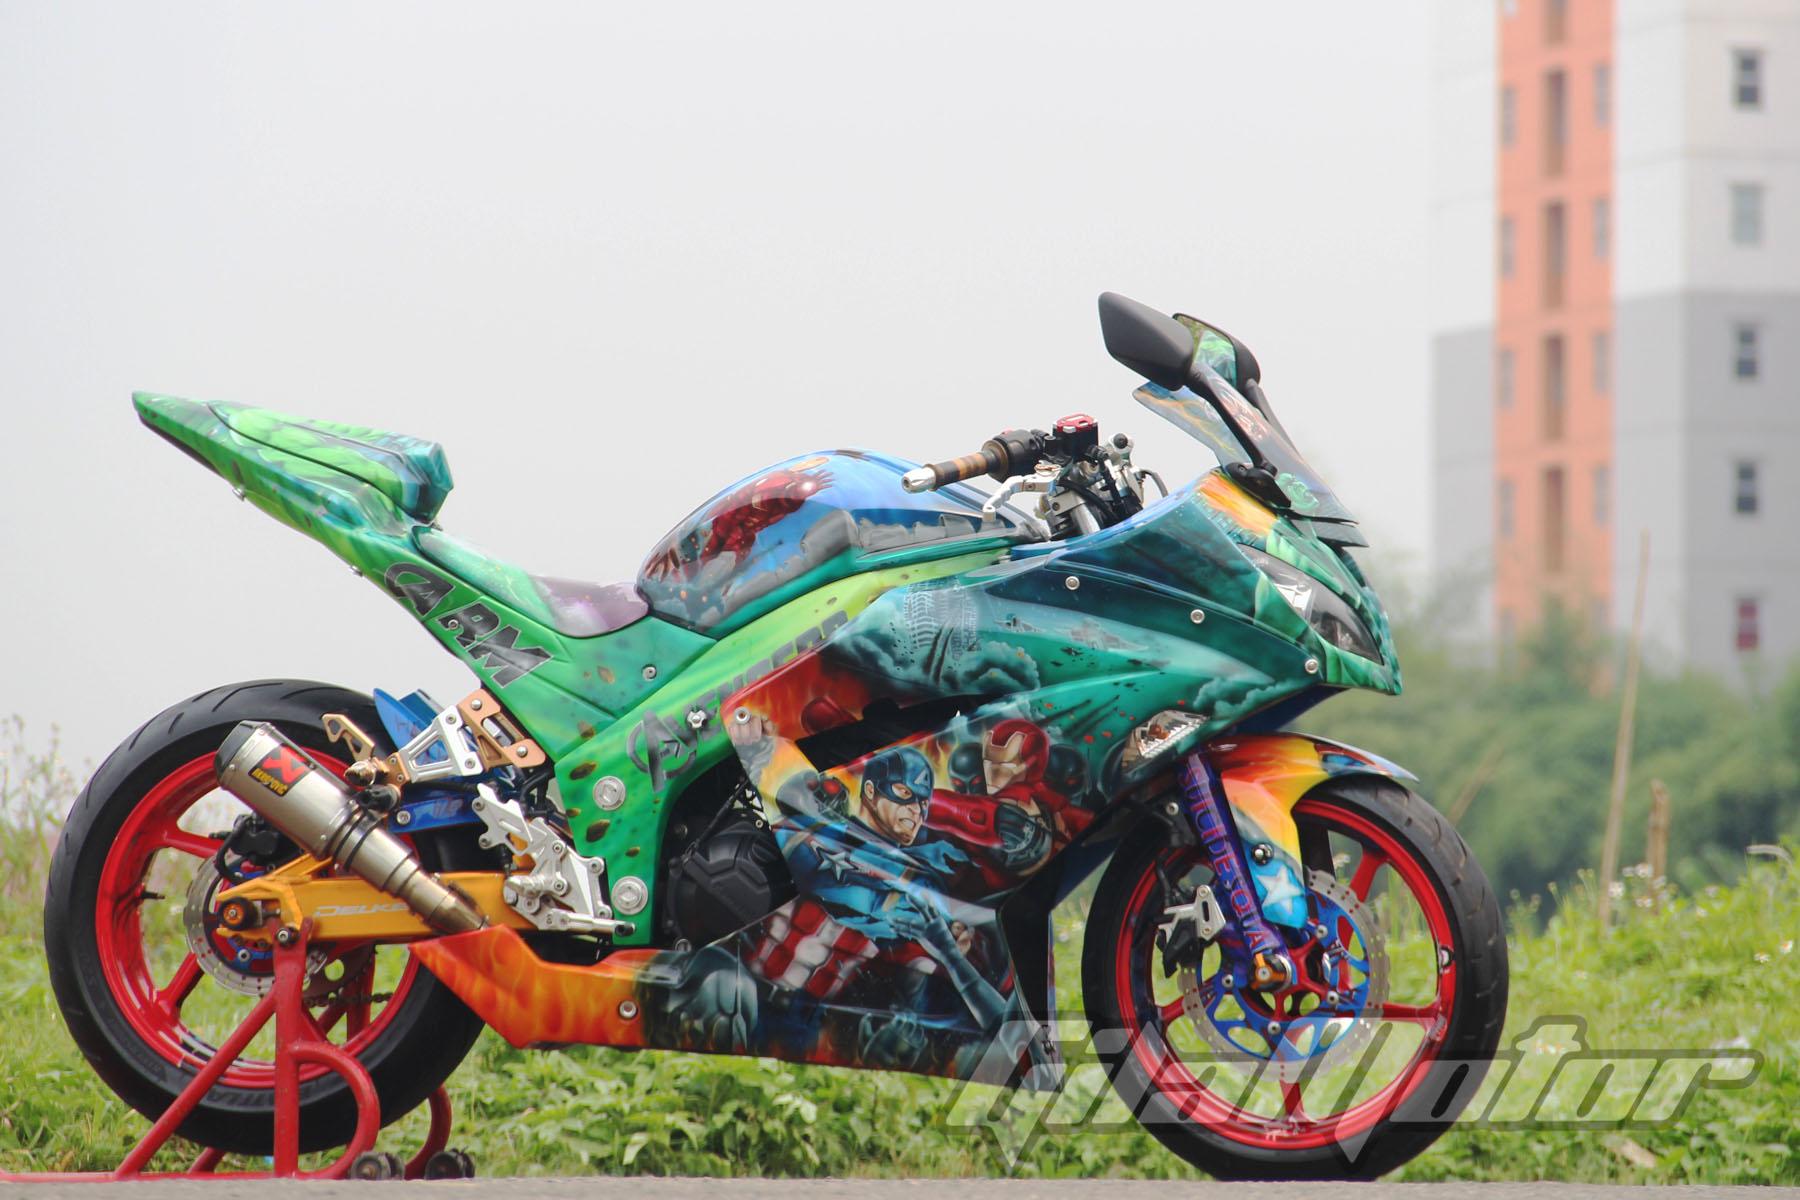 Modifikasi Kawasaki Ninja 250 Fi Medan Perang Tokoh Avengers Gilamotor